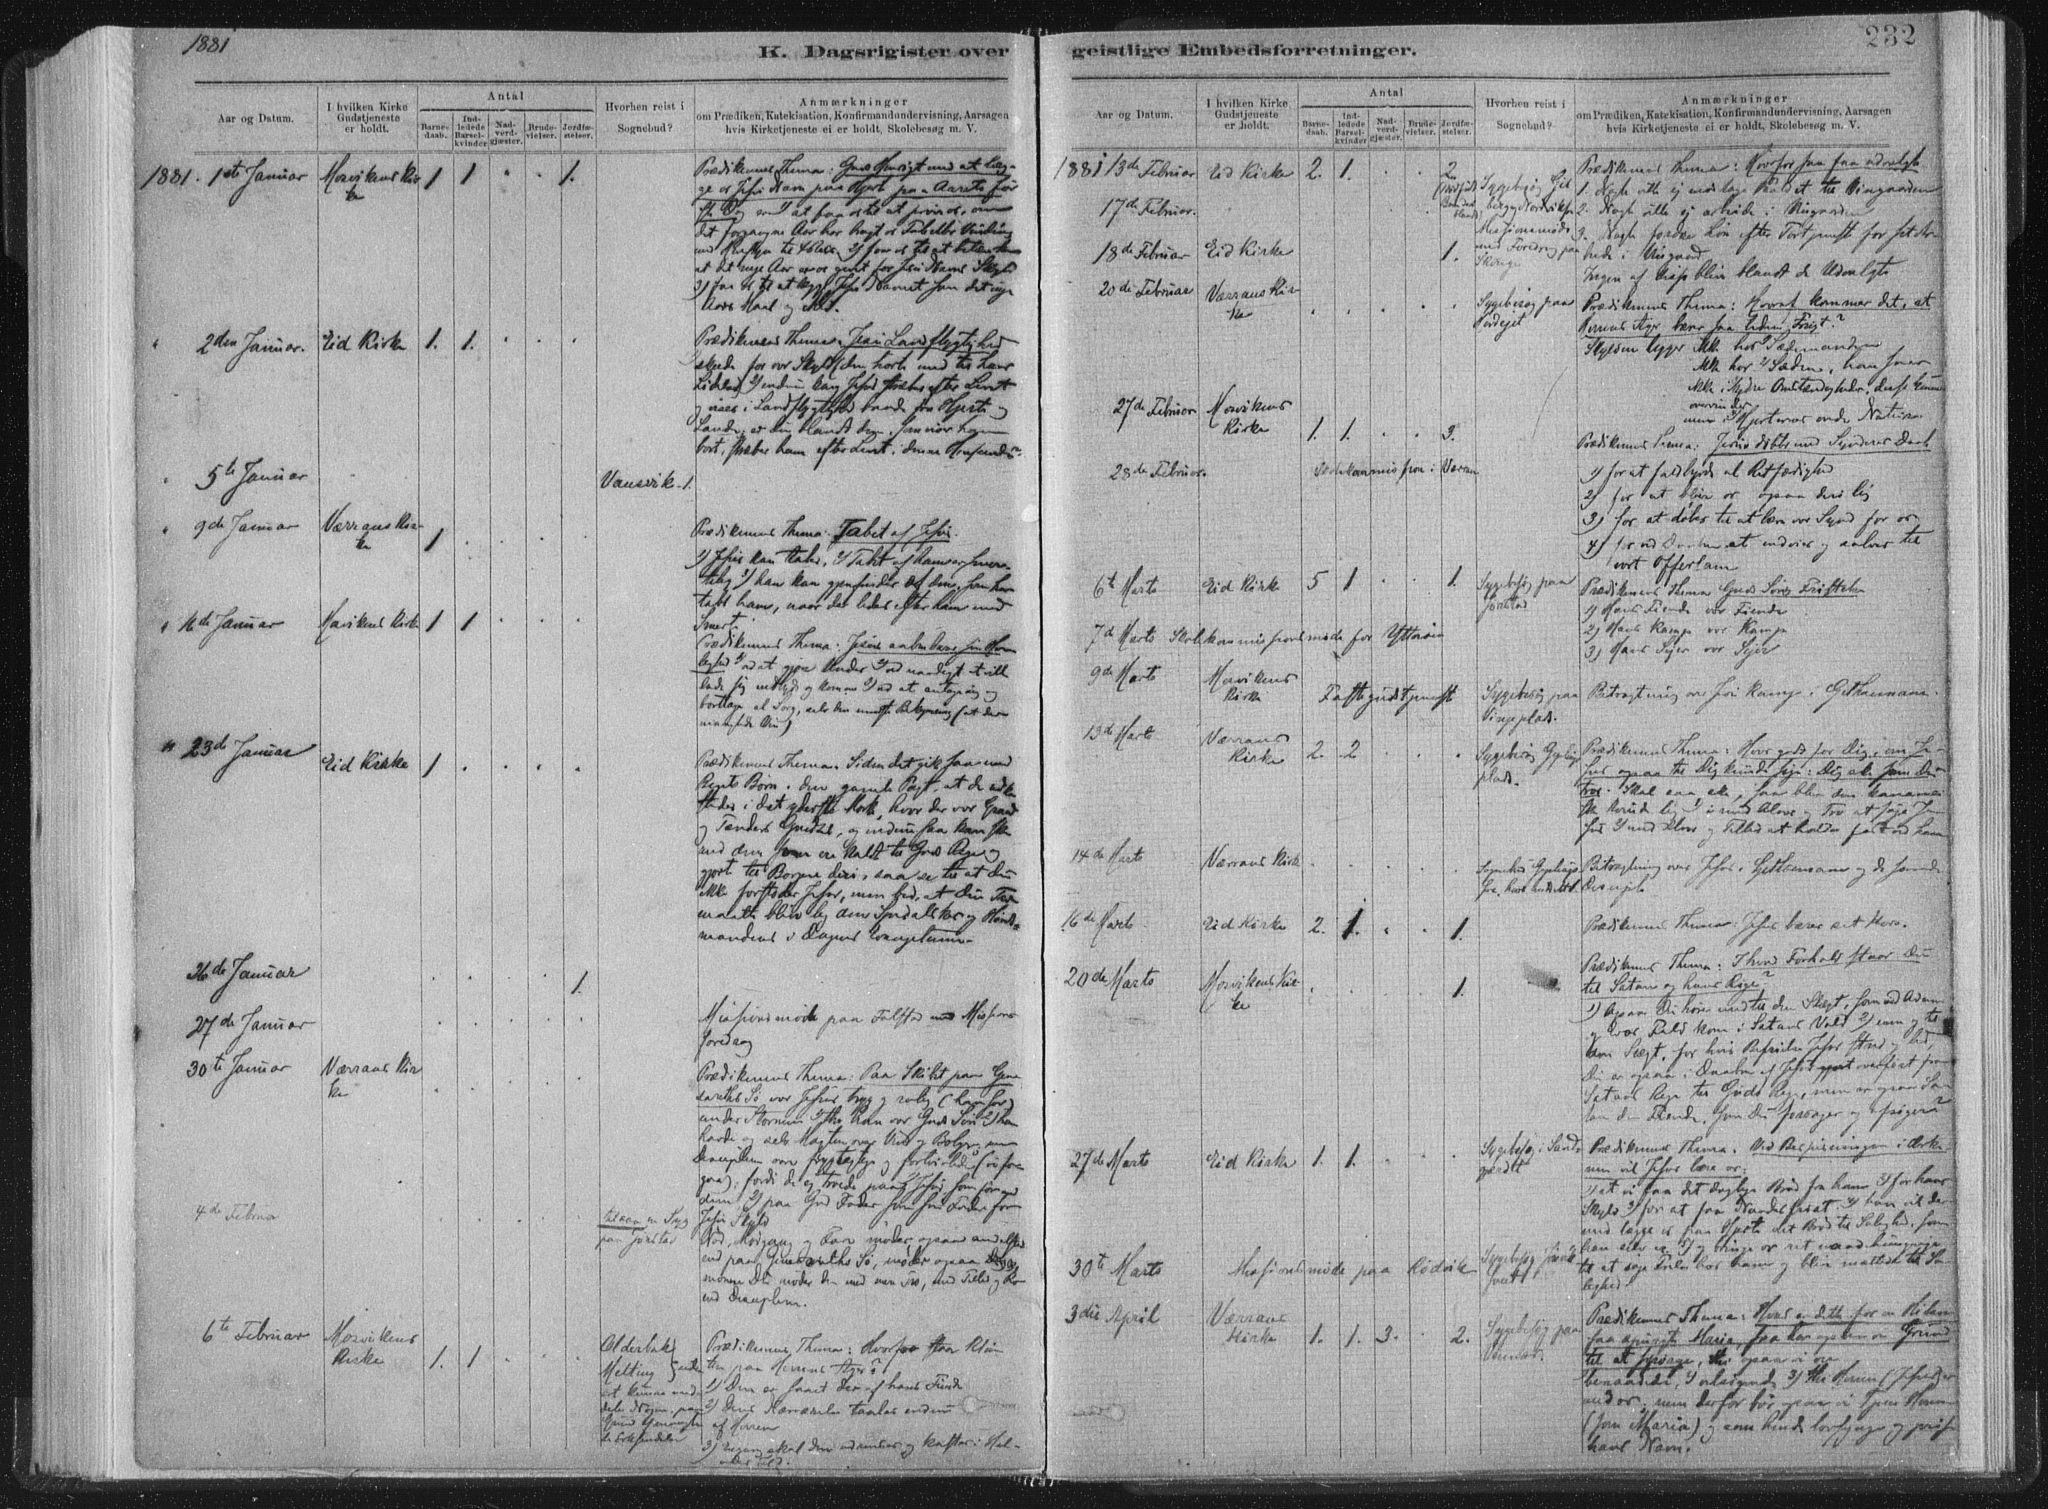 SAT, Ministerialprotokoller, klokkerbøker og fødselsregistre - Nord-Trøndelag, 722/L0220: Ministerialbok nr. 722A07, 1881-1908, s. 232